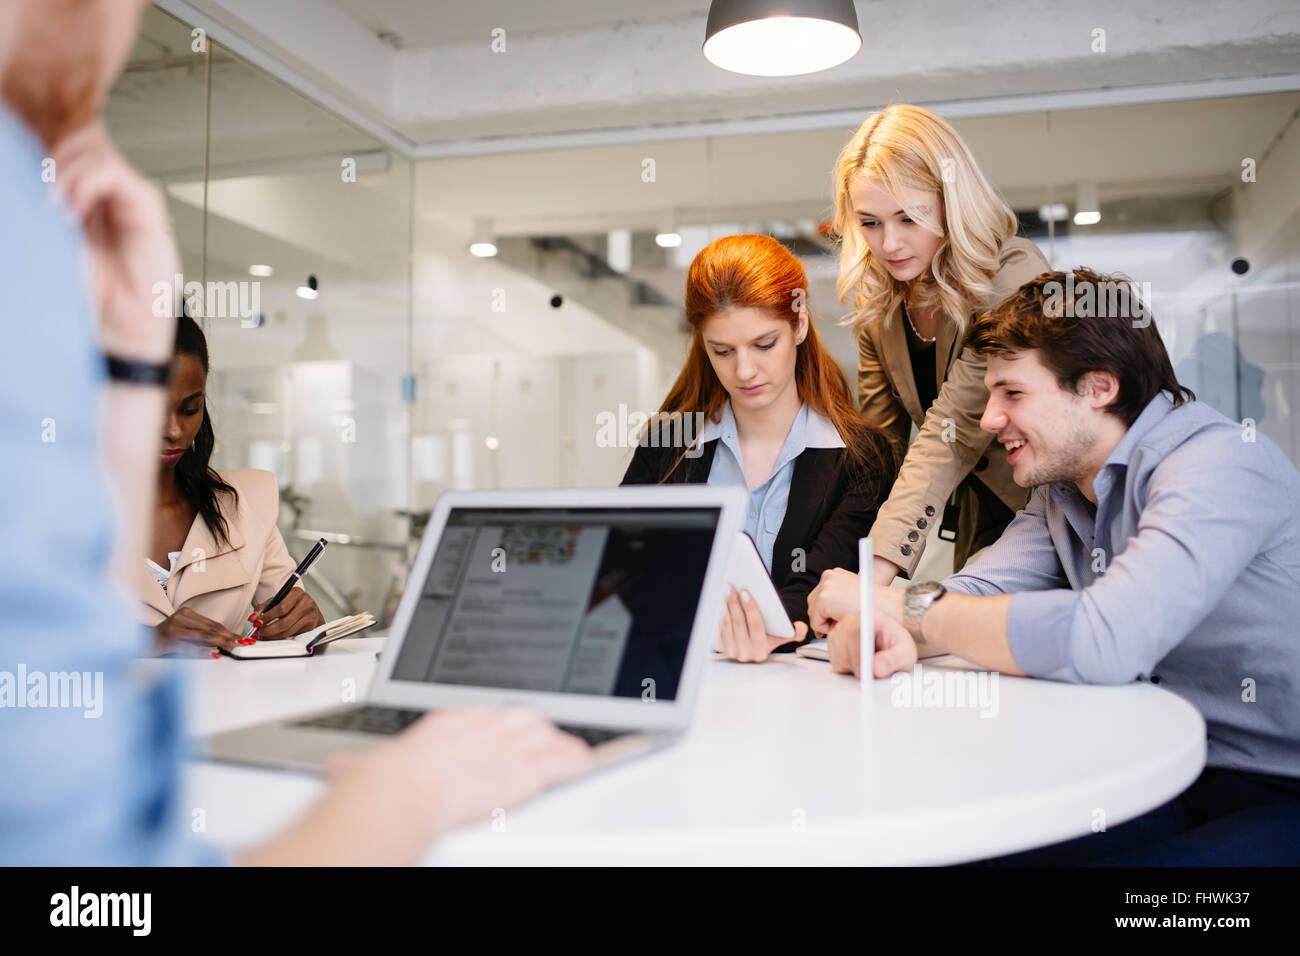 Gli imprenditori che lavorano in ufficio e la condivisione di idee Immagini Stock